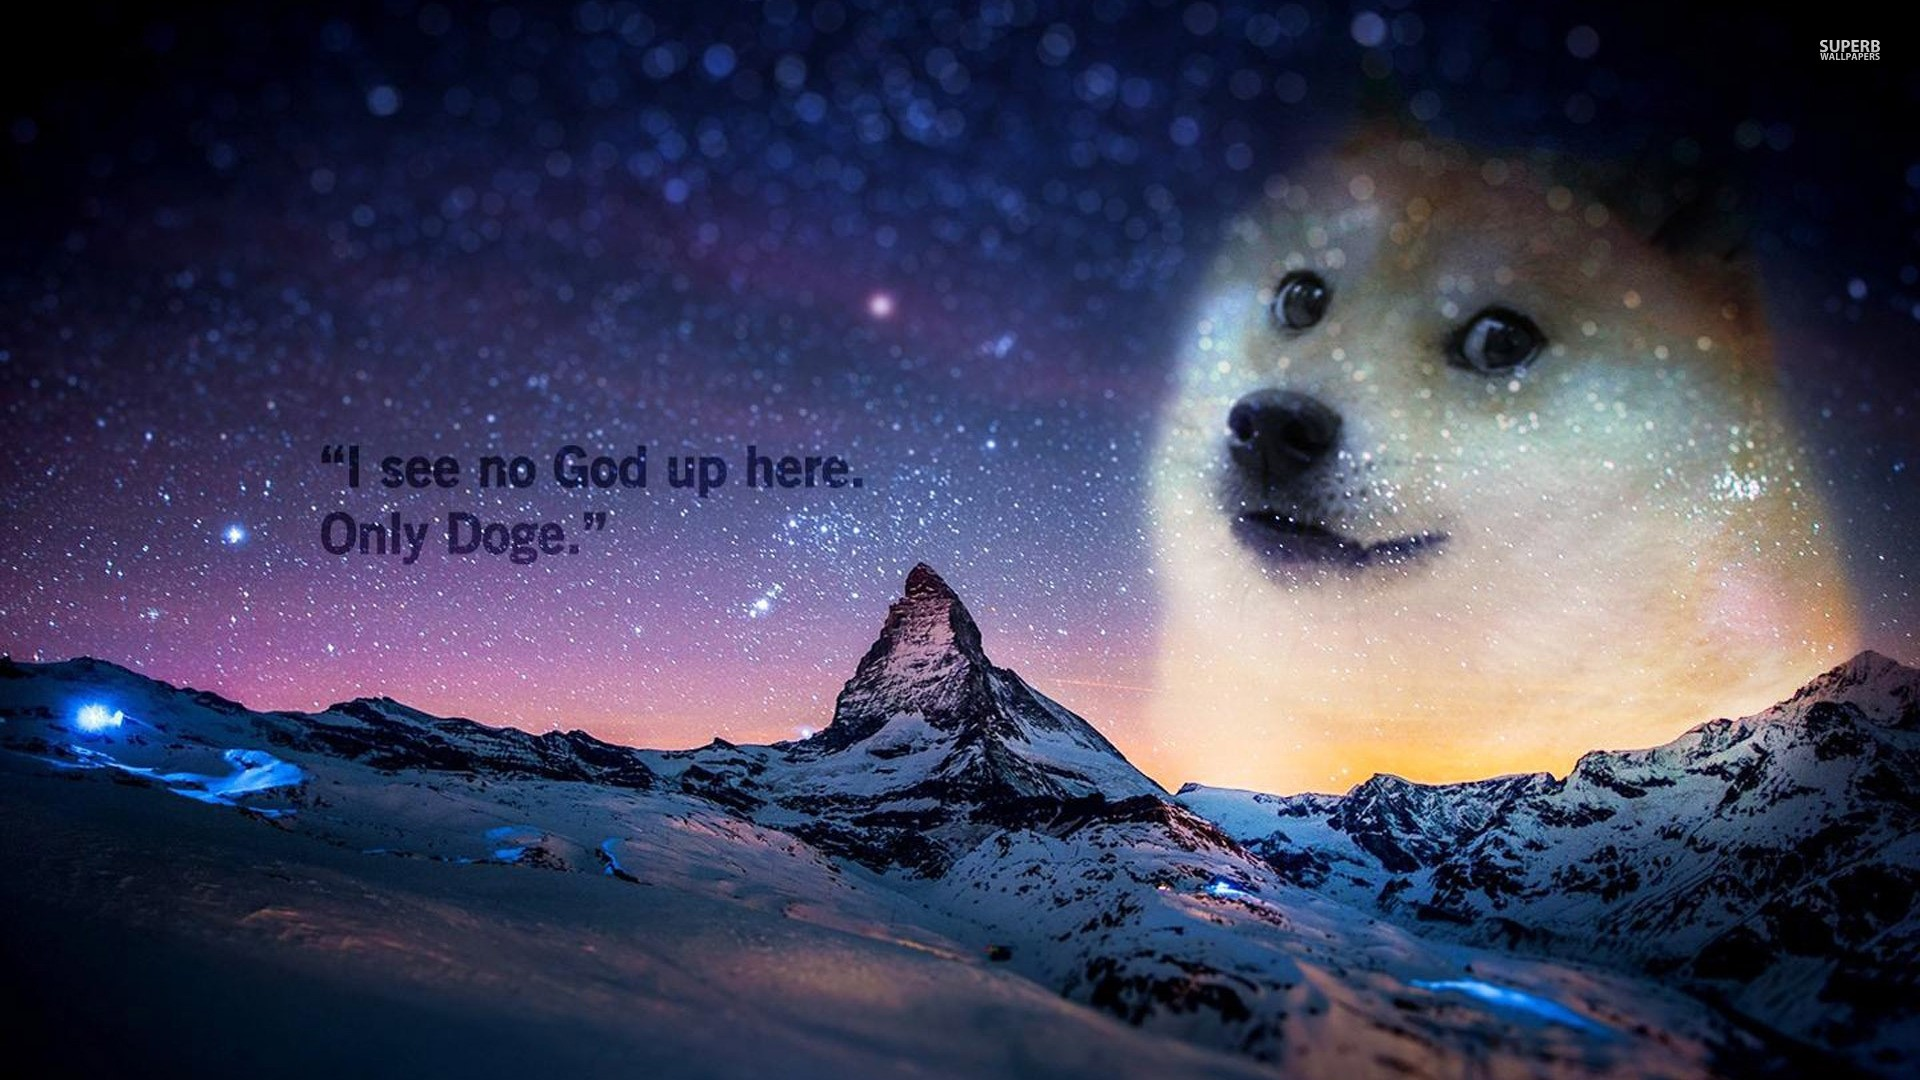 doge in sky,